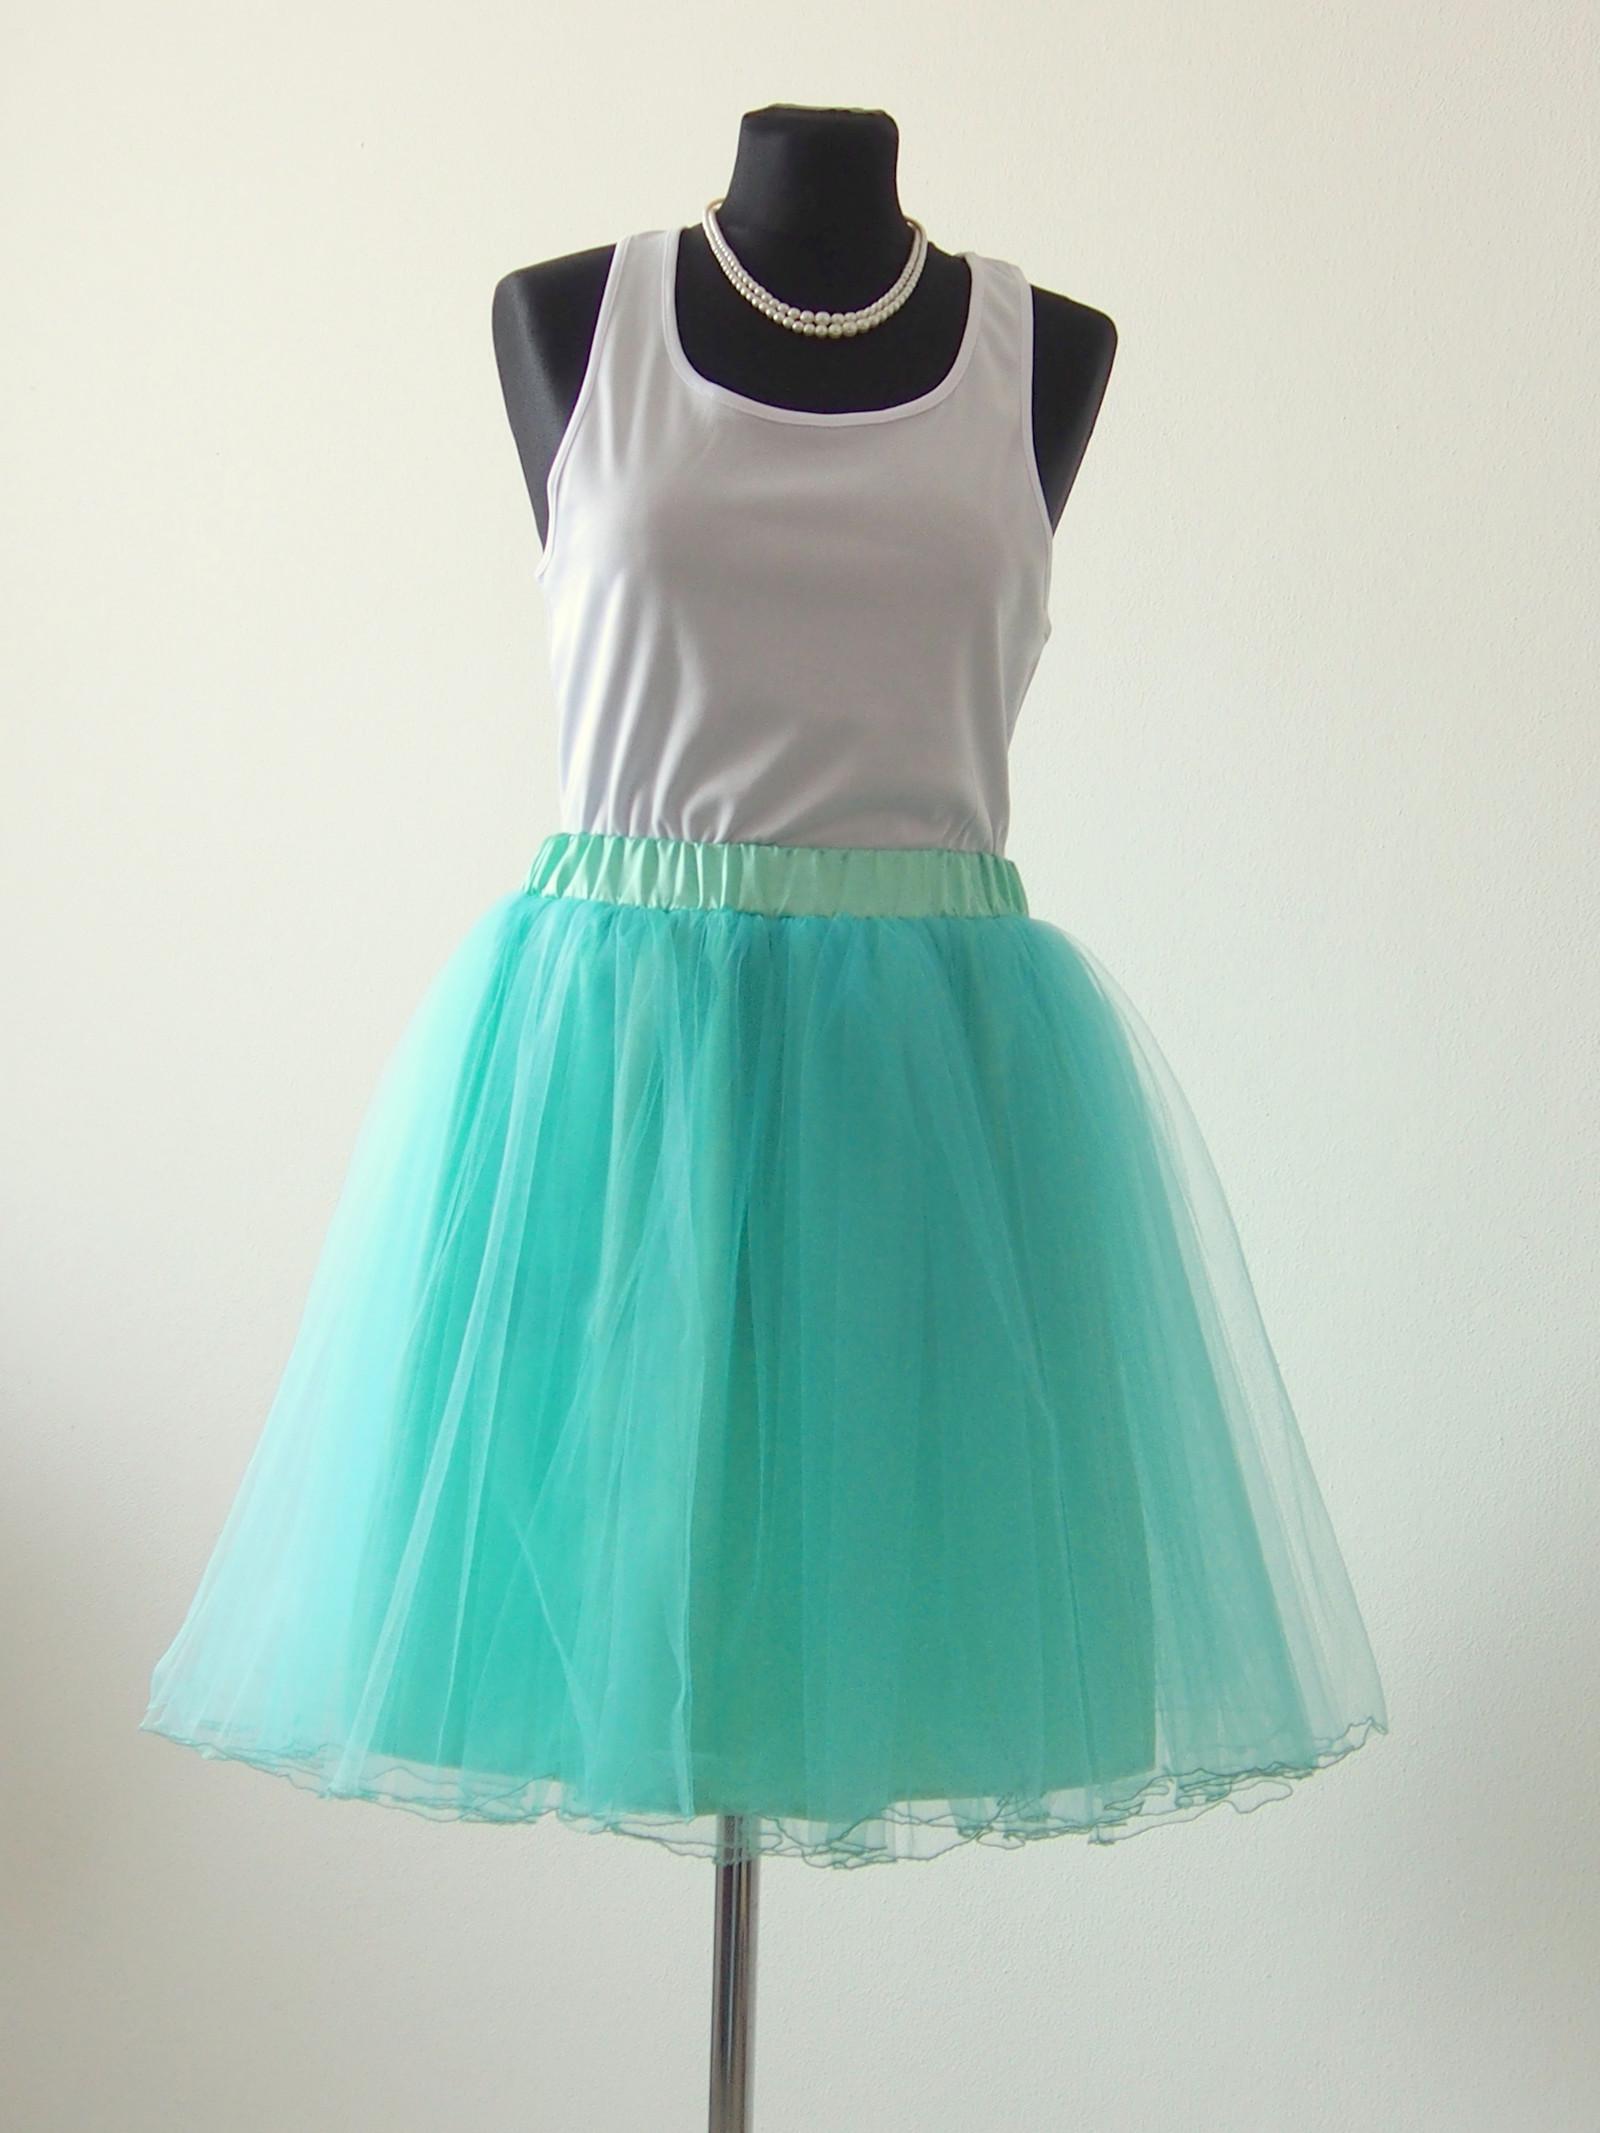 49fdb3cec40 Tylová sukně s ozdobným lemem - mentolová   Zboží prodejce MVstyle ...